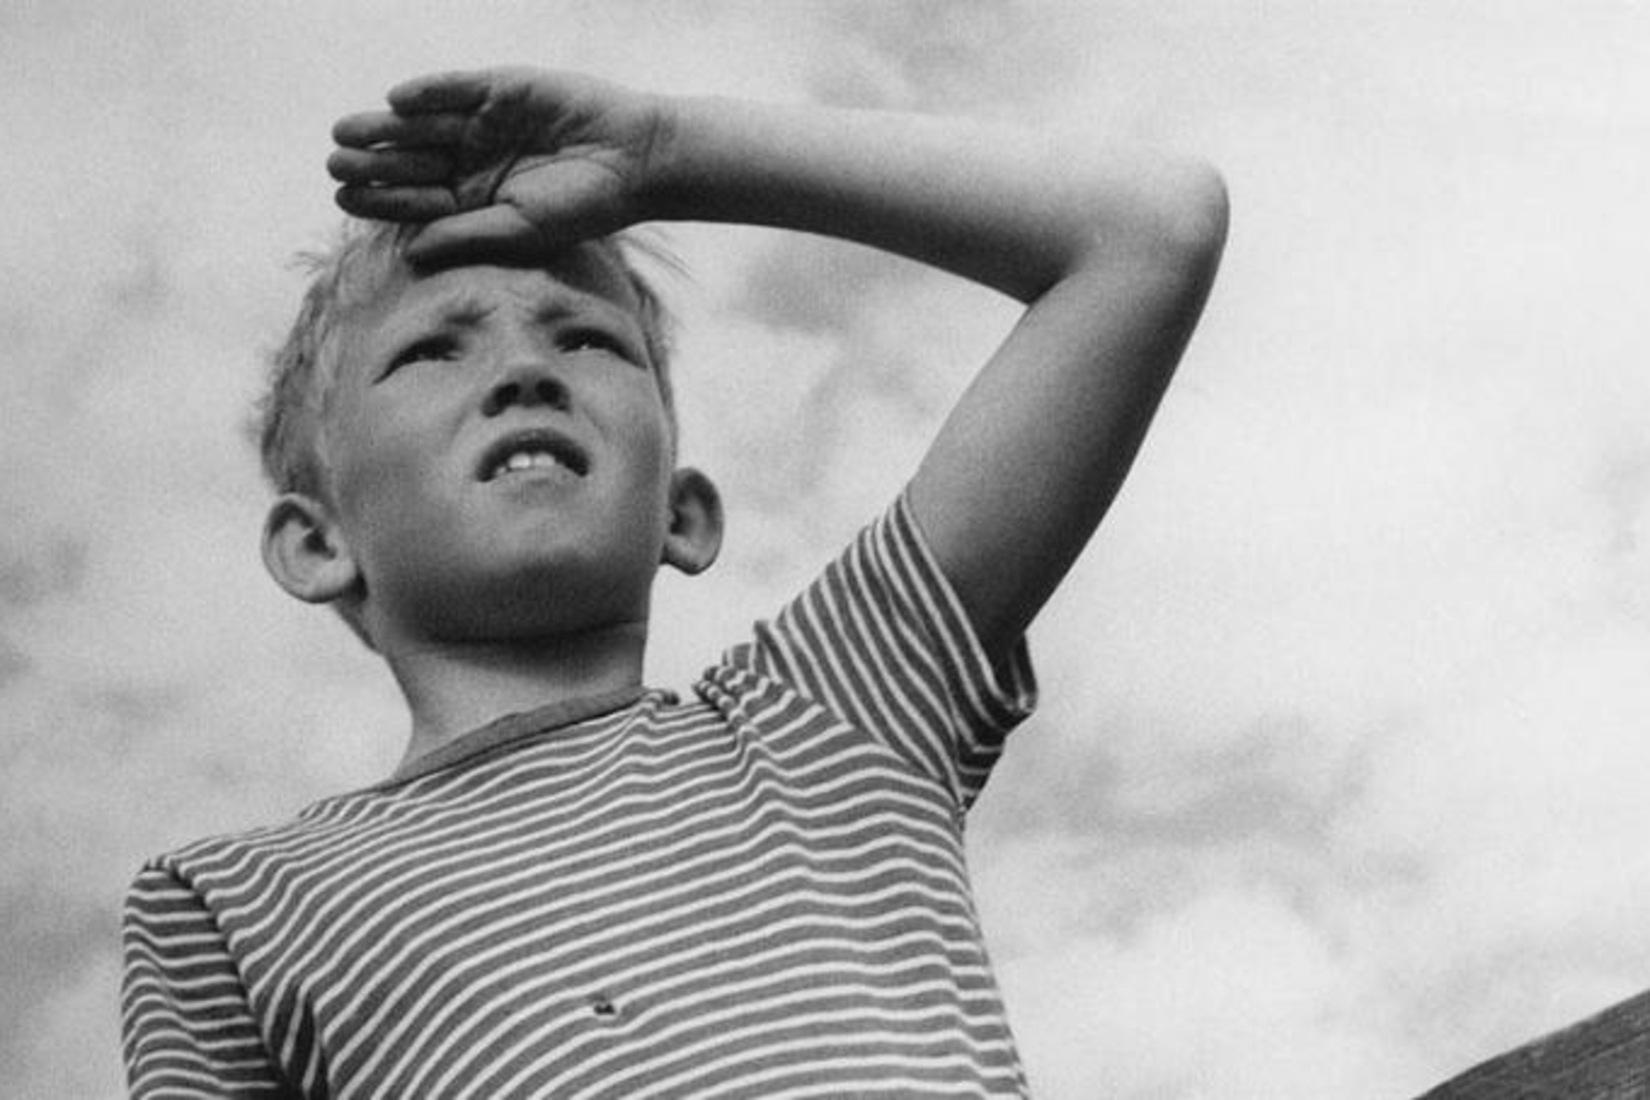 en noir et blanc, extrait de La Grande Aventure d'Arne Sucksdorff : un jeune garçon en contre plongée rregarde au loin, la main pour se protéger du soleil, sur son front